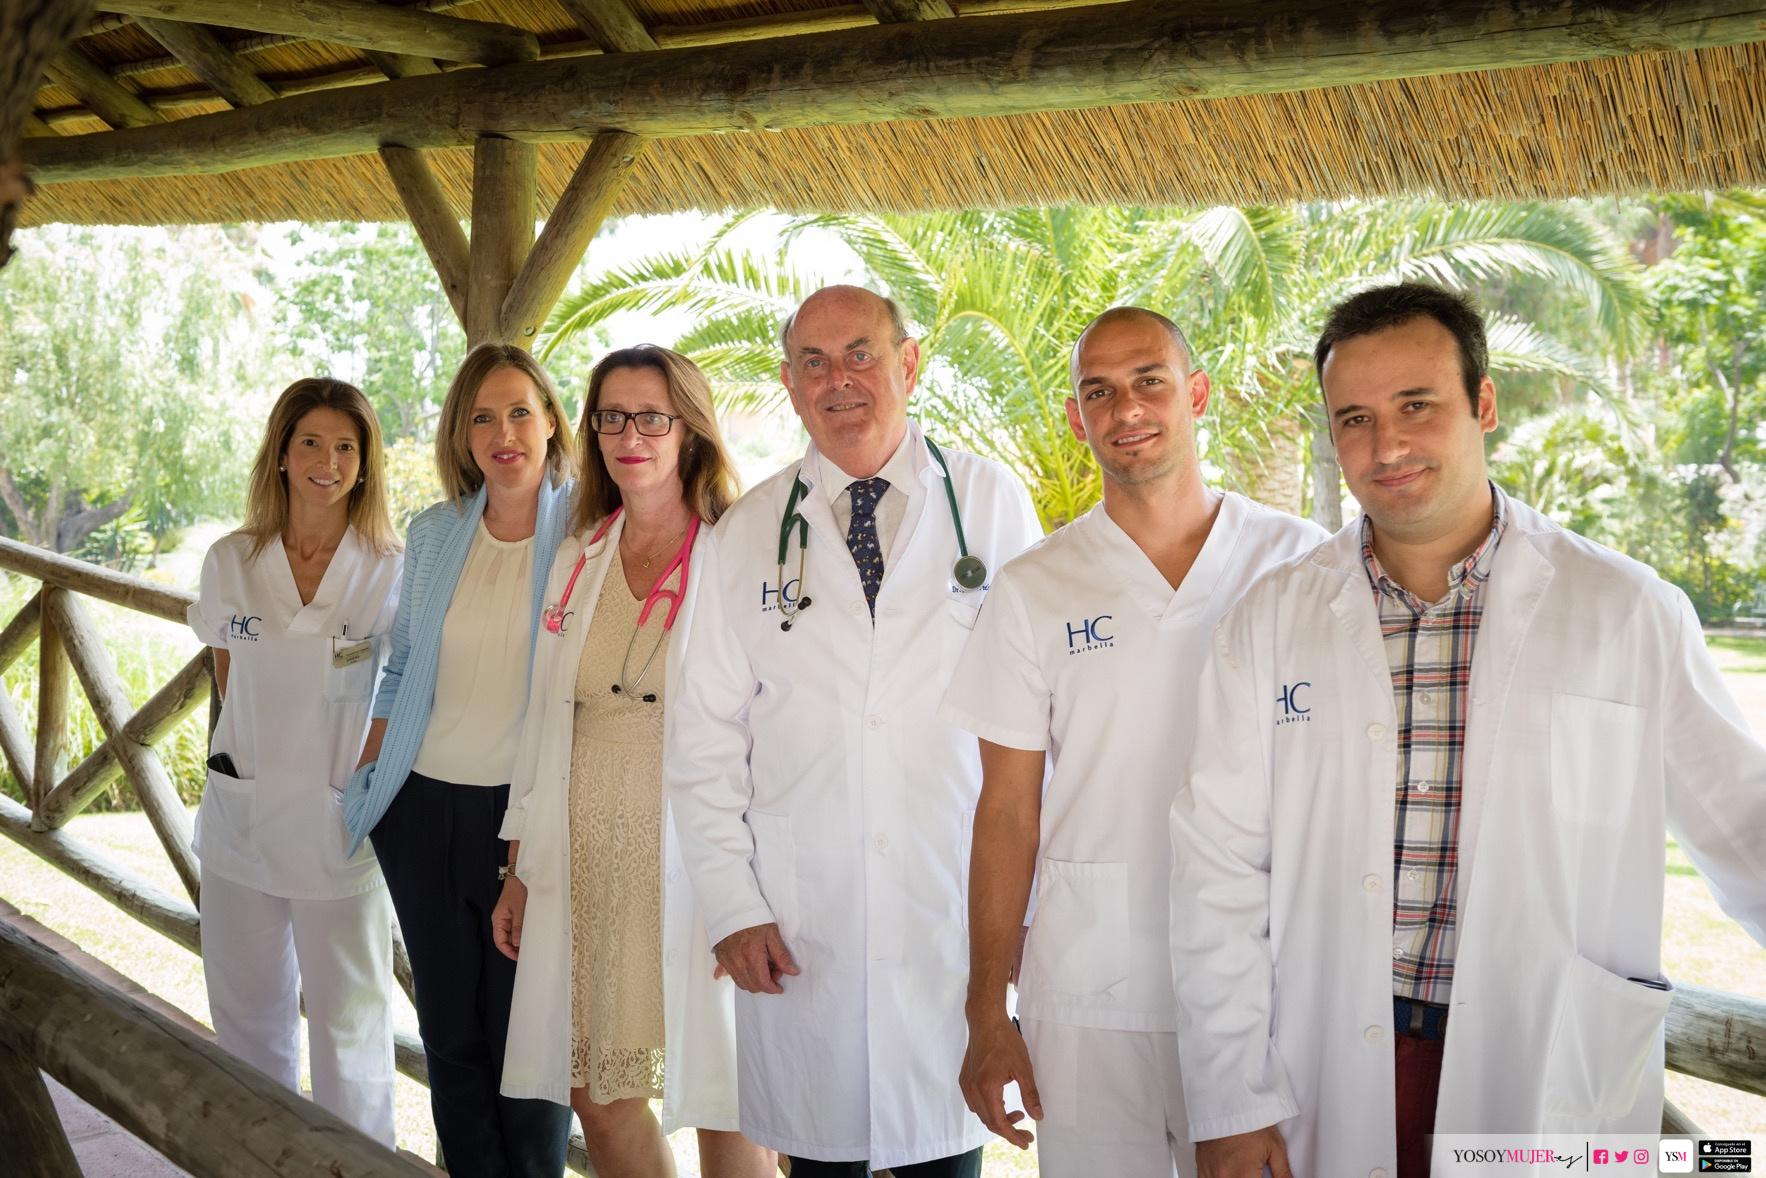 Equipo de Oncología de Hc Marbella